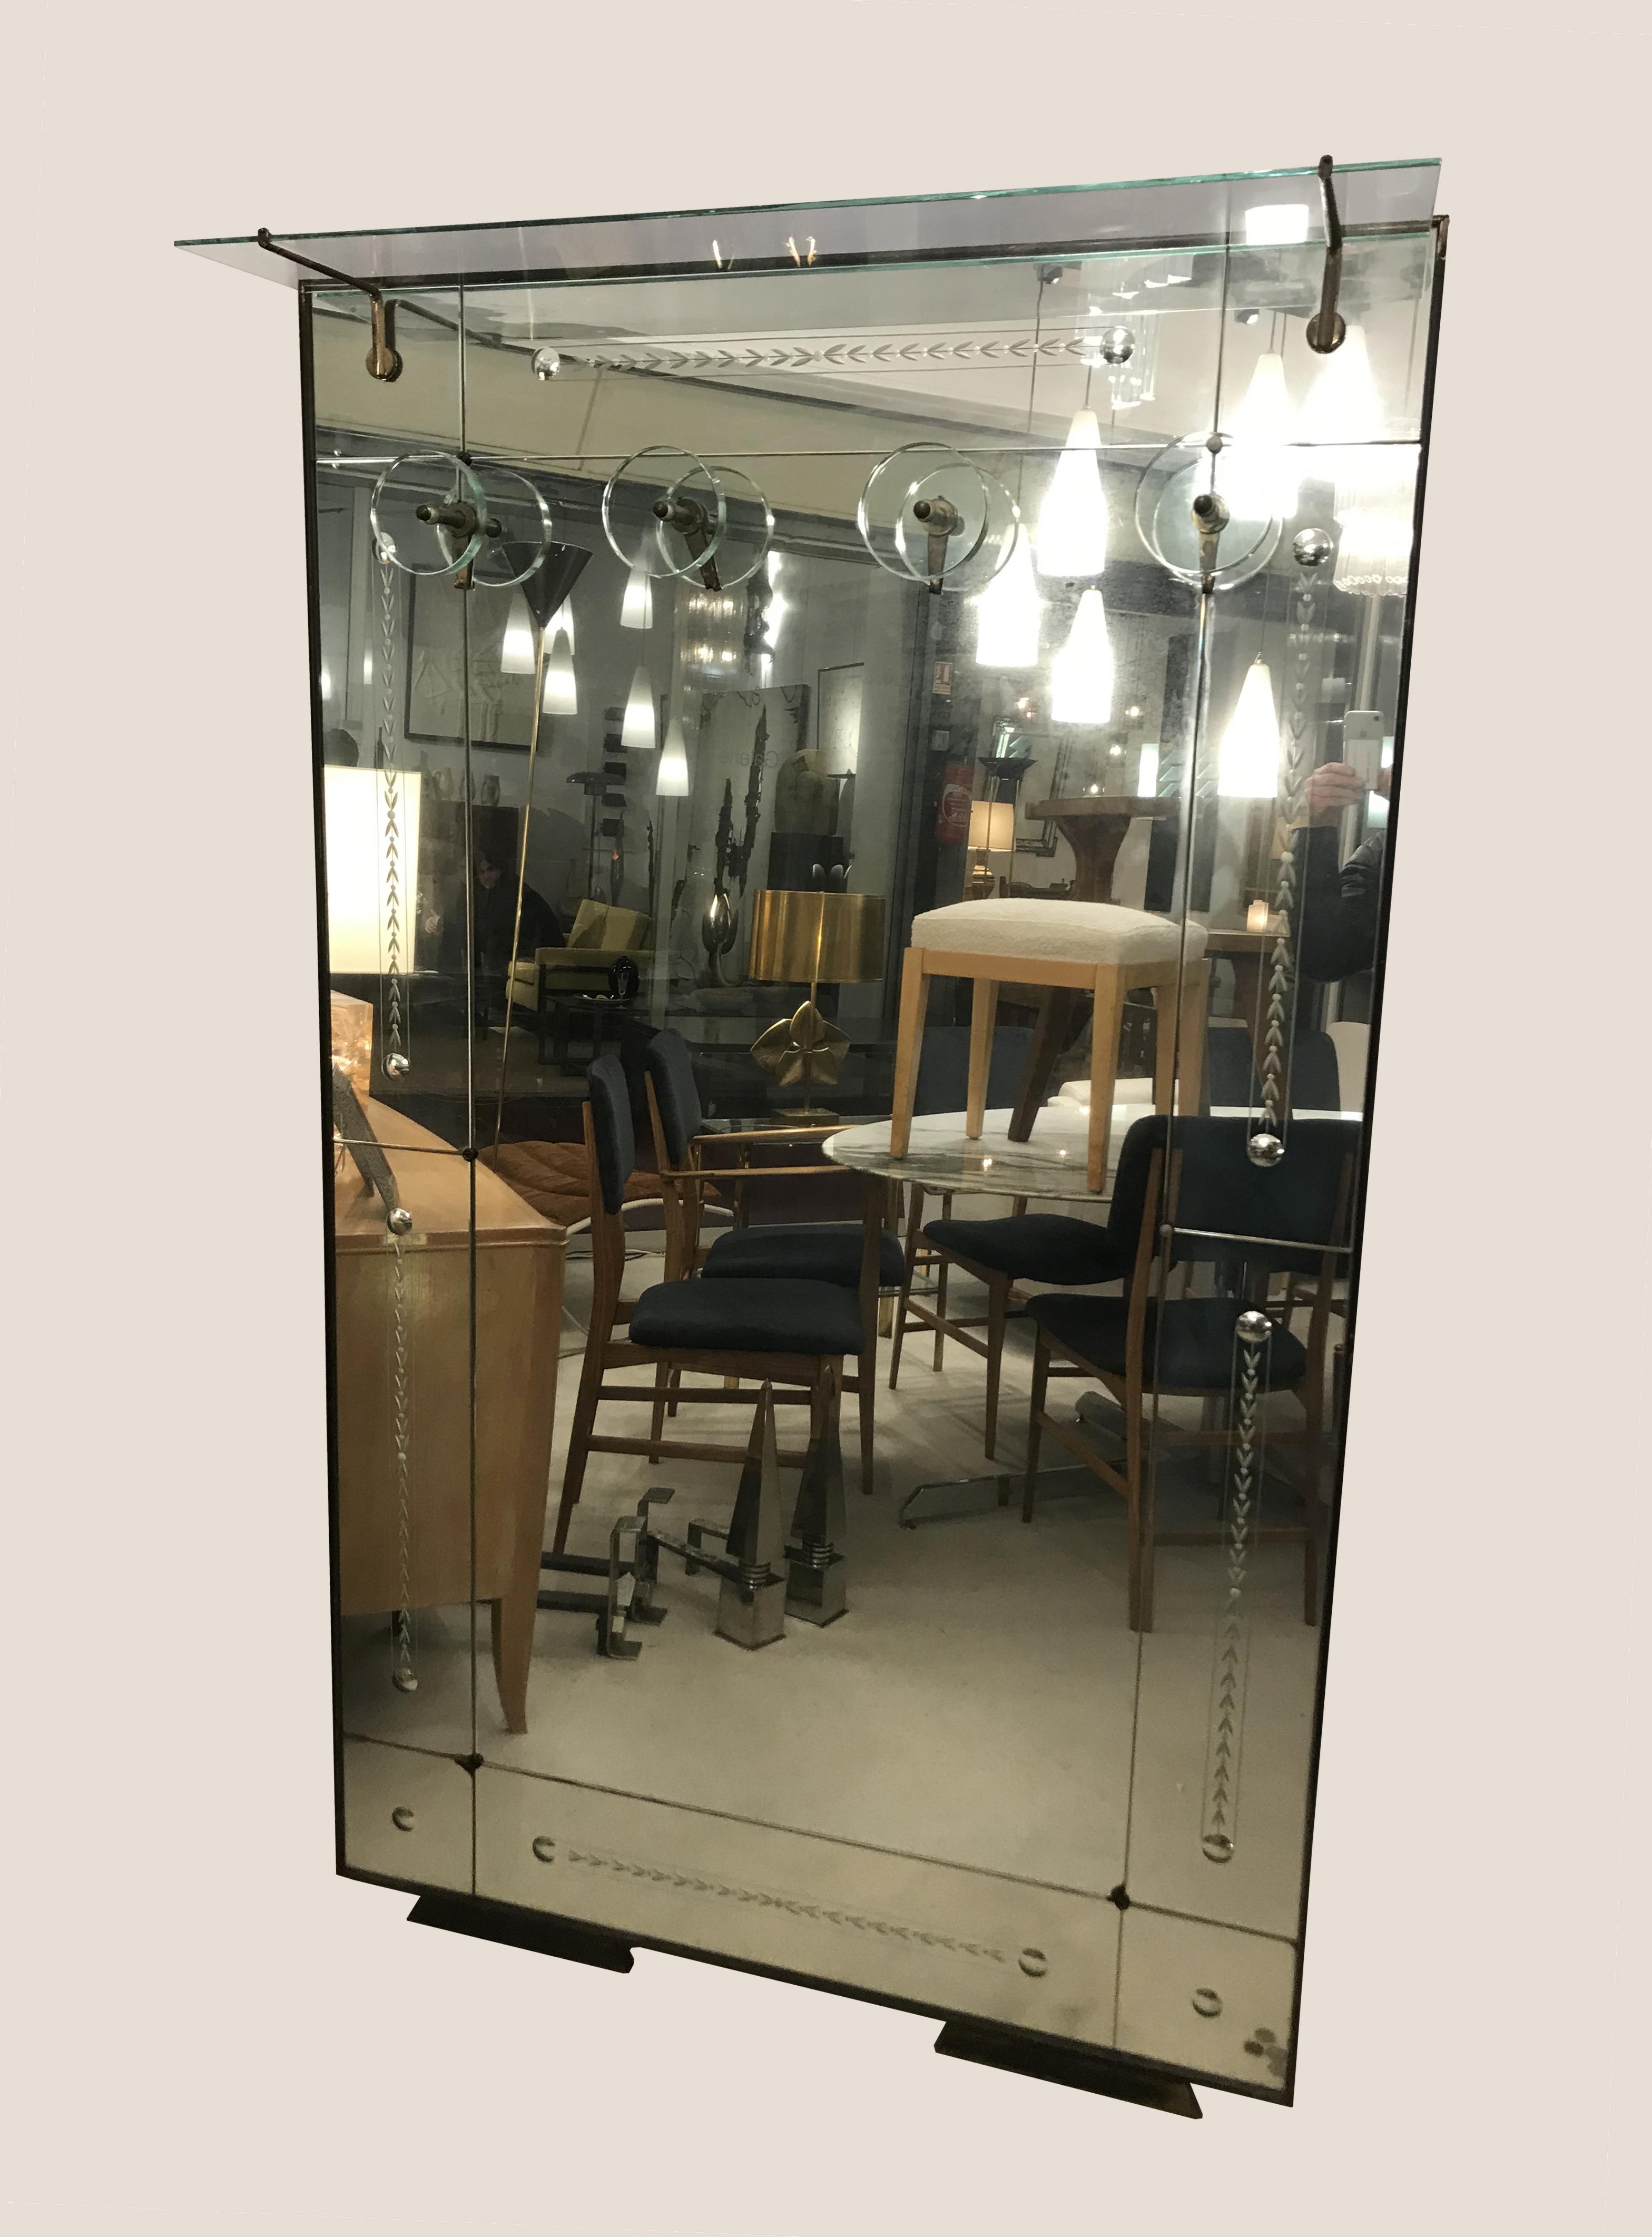 Miroir porte manteaux 1950 185cm *110 cm prof21